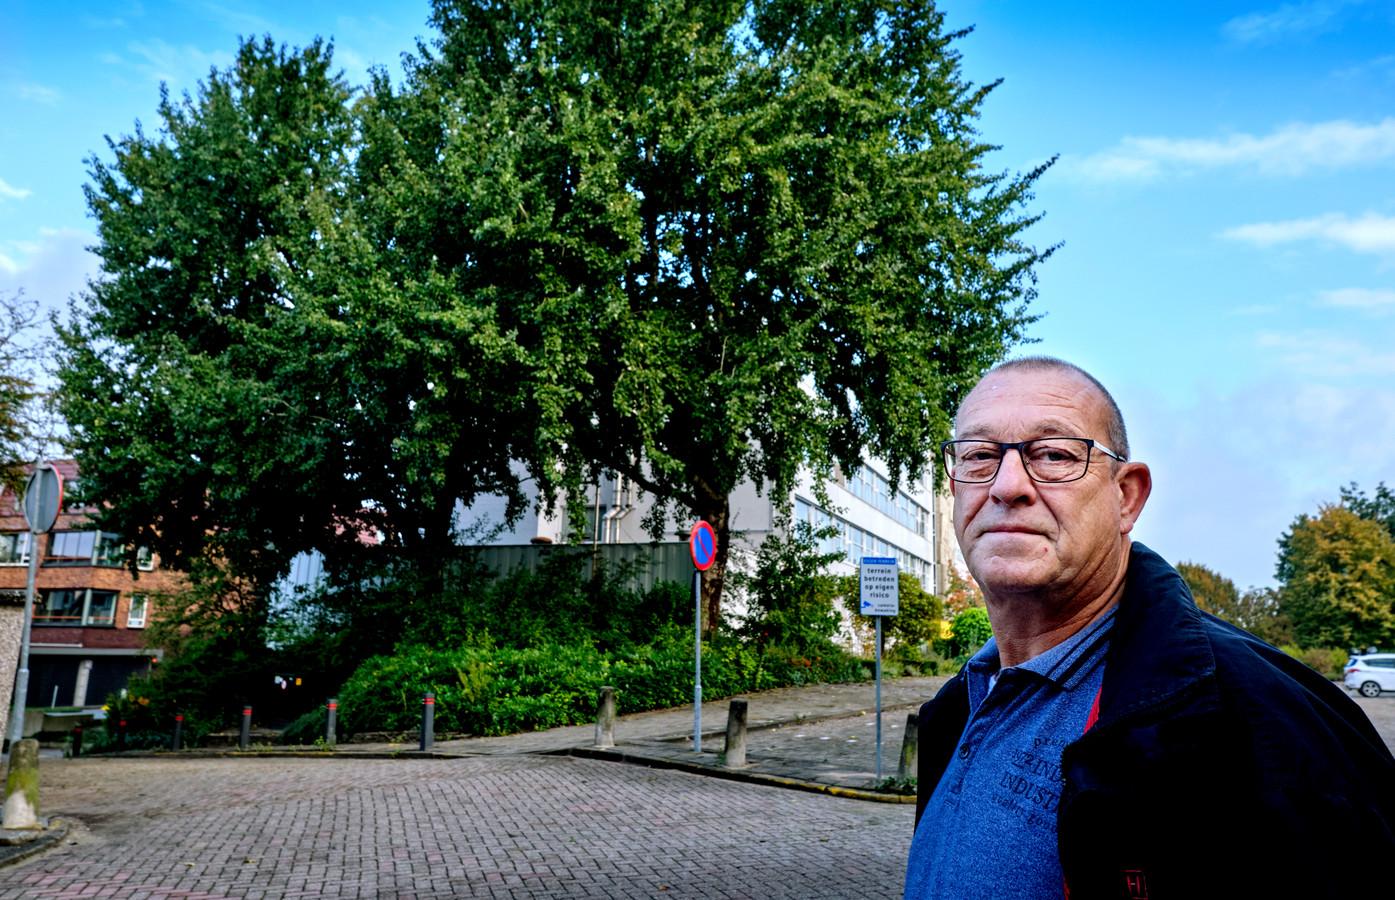 Theo de Bruin is tegen de bomenkap van twee grote bomen tegenover zijn huis in de Wilhelminastraat in Sliedrecht.